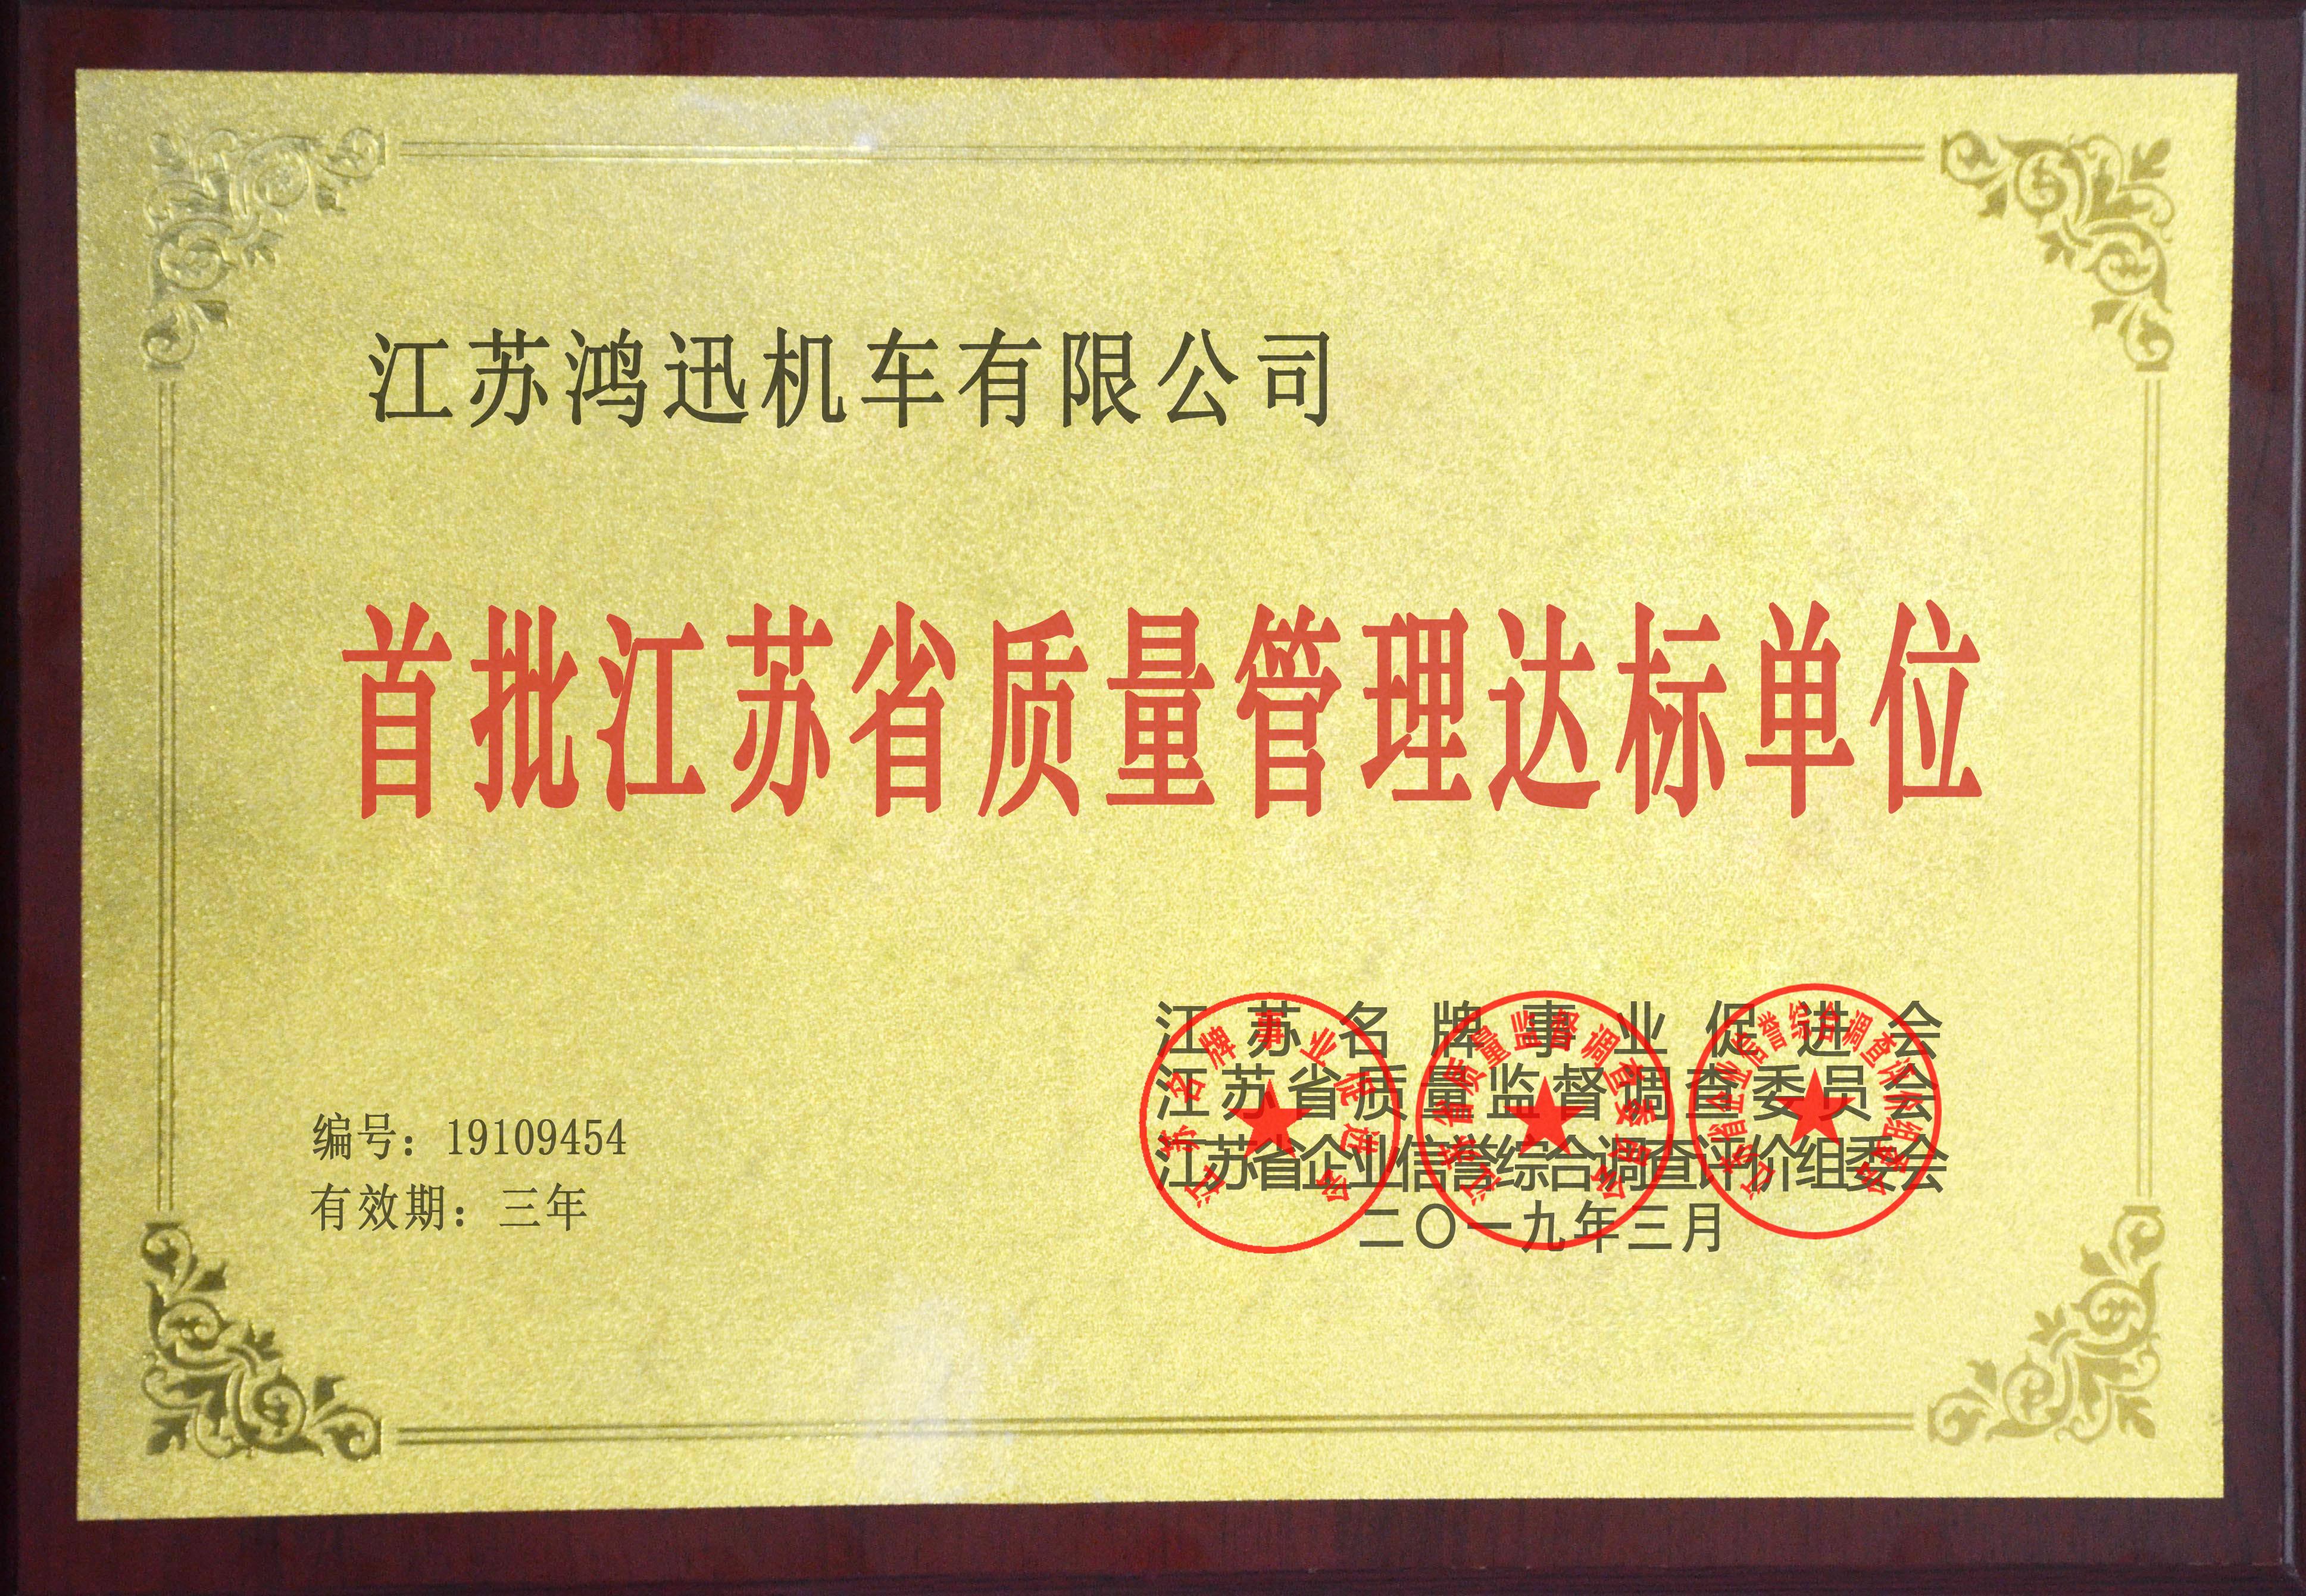 首批江苏省质量达村单位